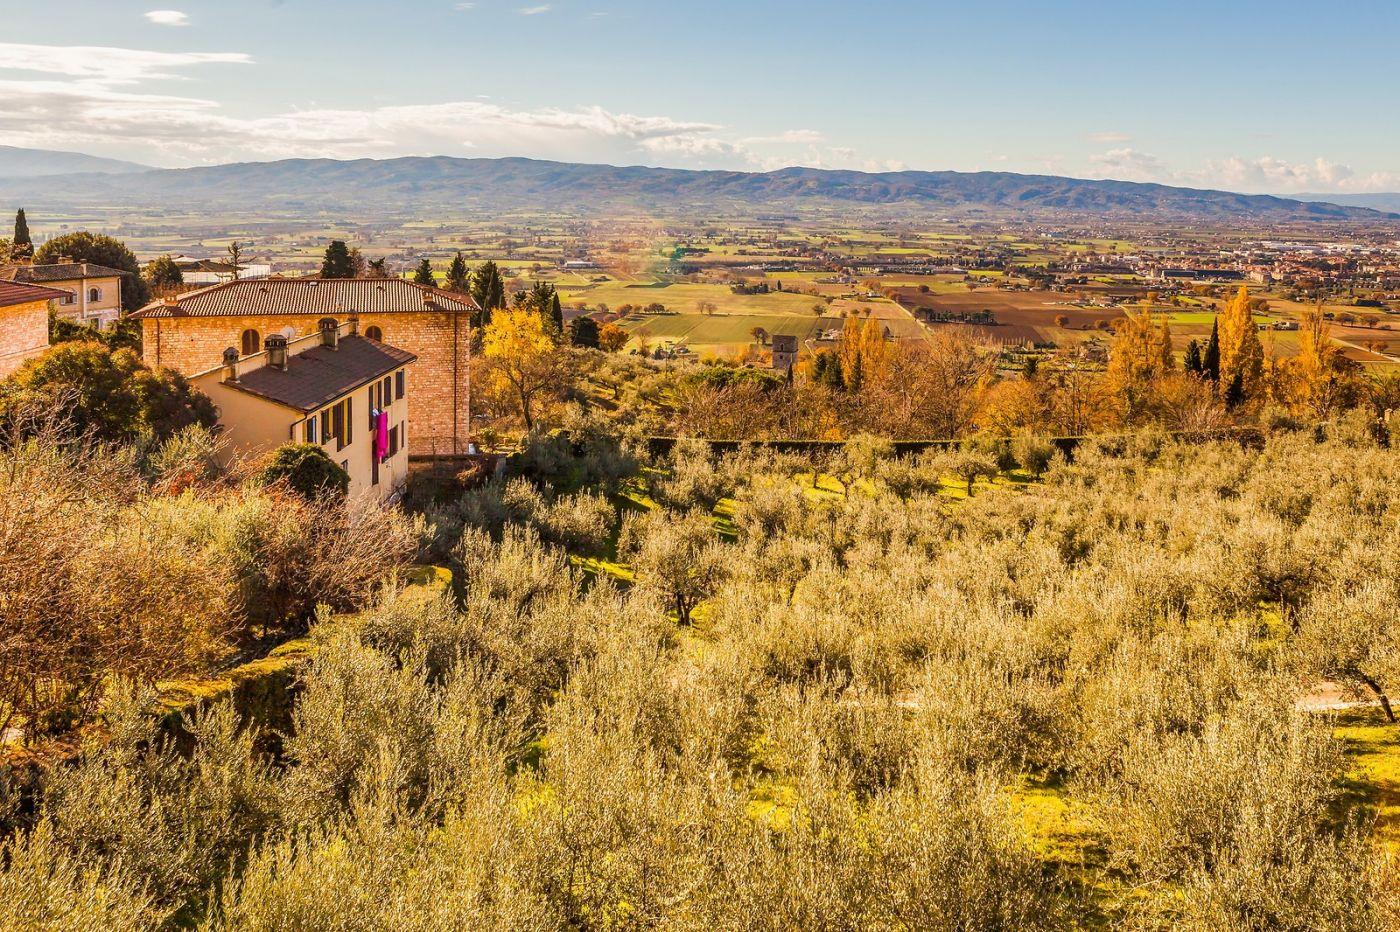 意大利阿西西(Assisi), 登高放眼_图1-22